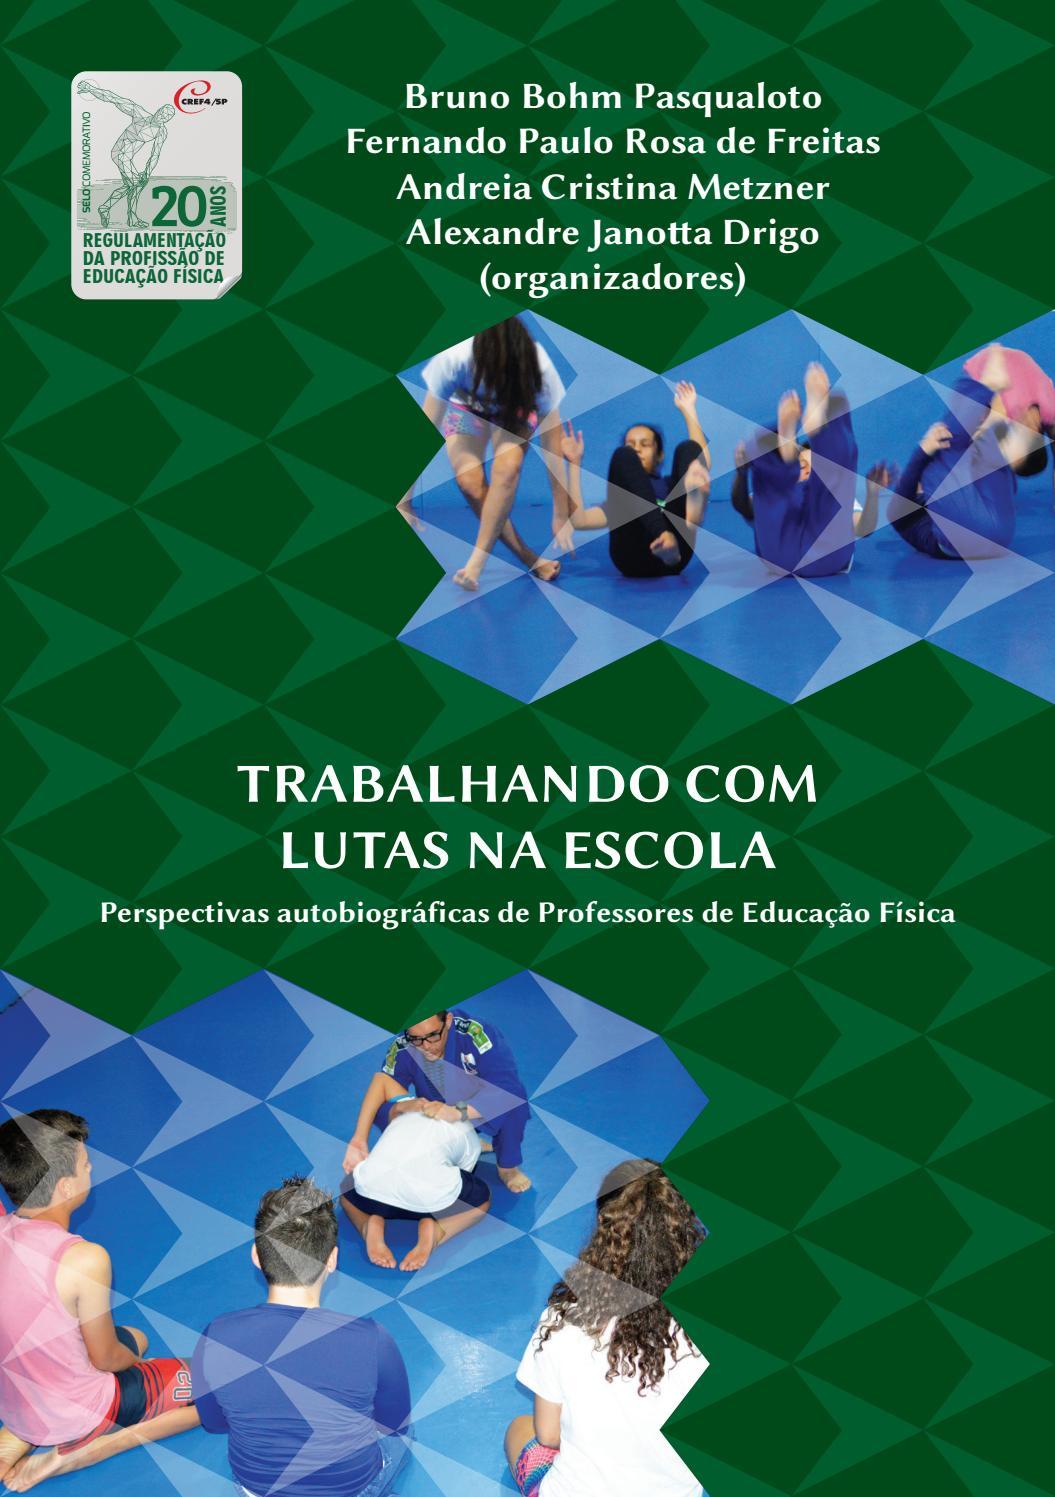 d81e31288f 9 Trabalhando com Lutas na Escola by CREF4 SP - Conselho Regional de  Educação Física da 4ª Região - issuu